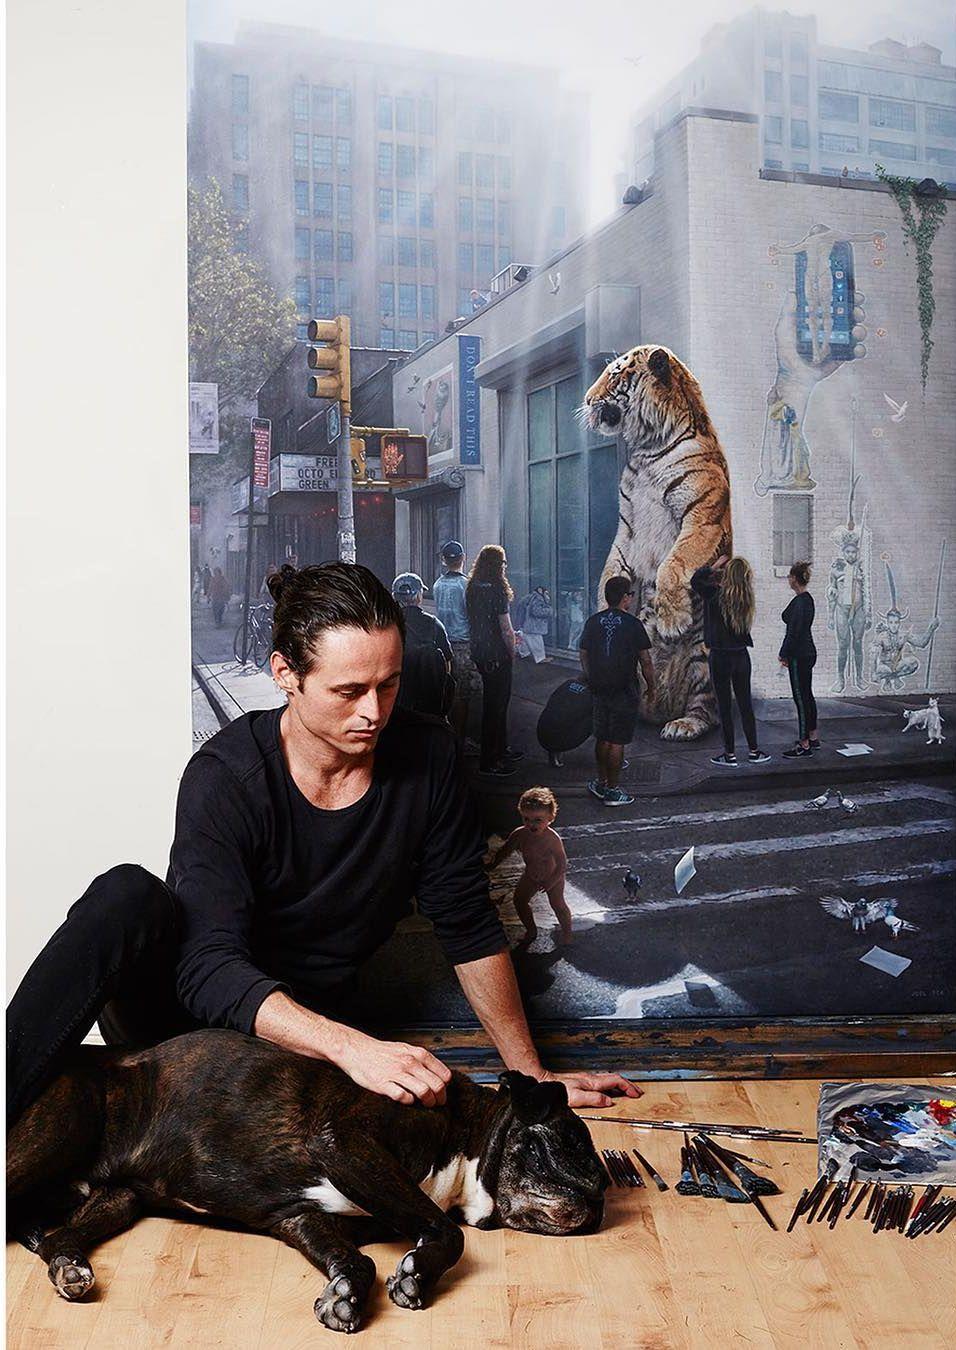 他第一次举办画展,就引起了轰动, 作品都被抢购一空!插图1